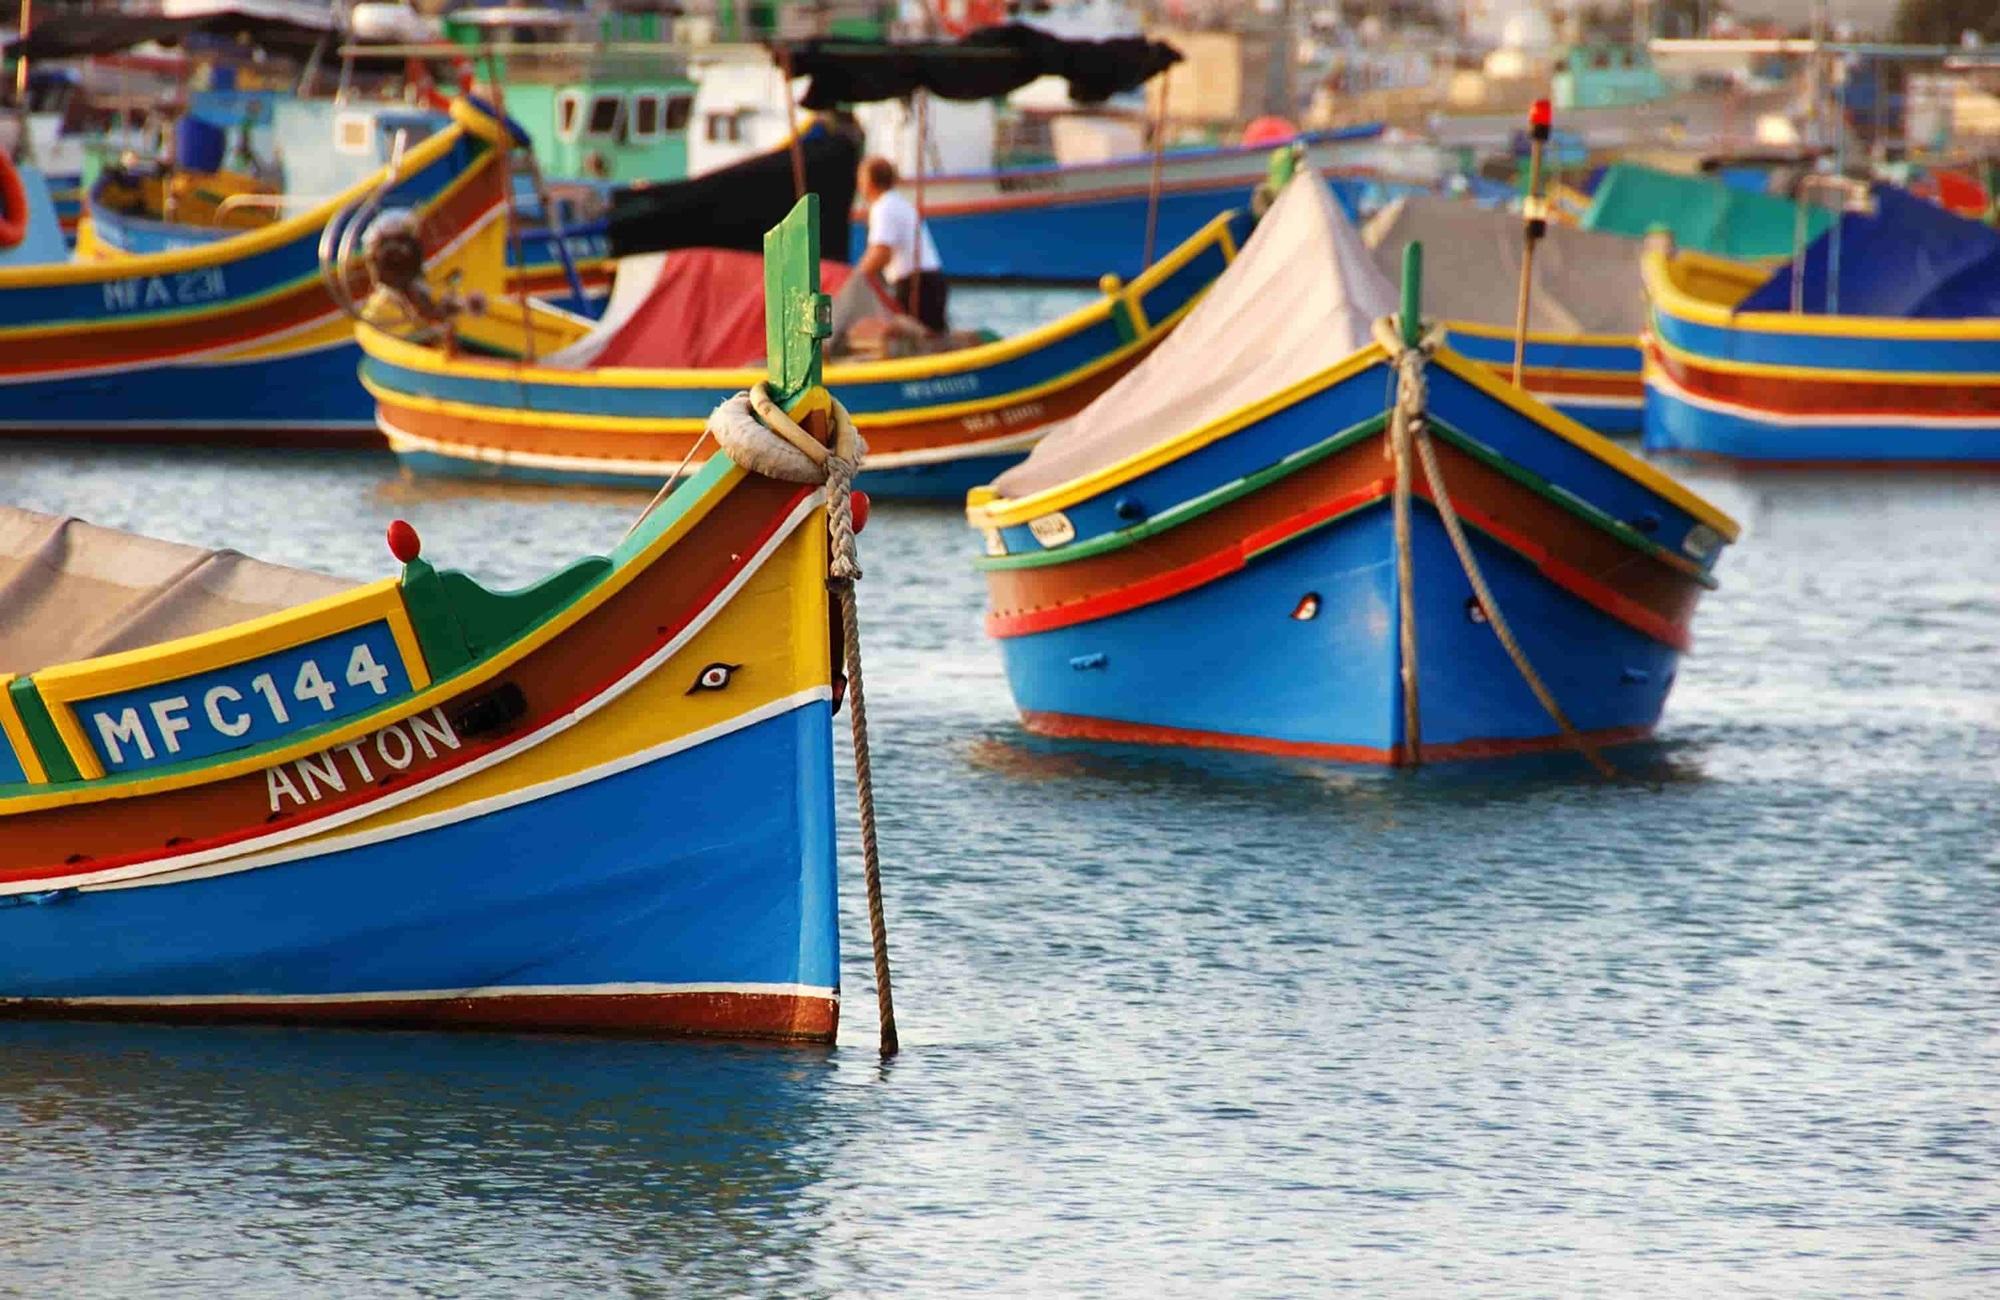 Voyage Malte - Luzzu - Amplitudes